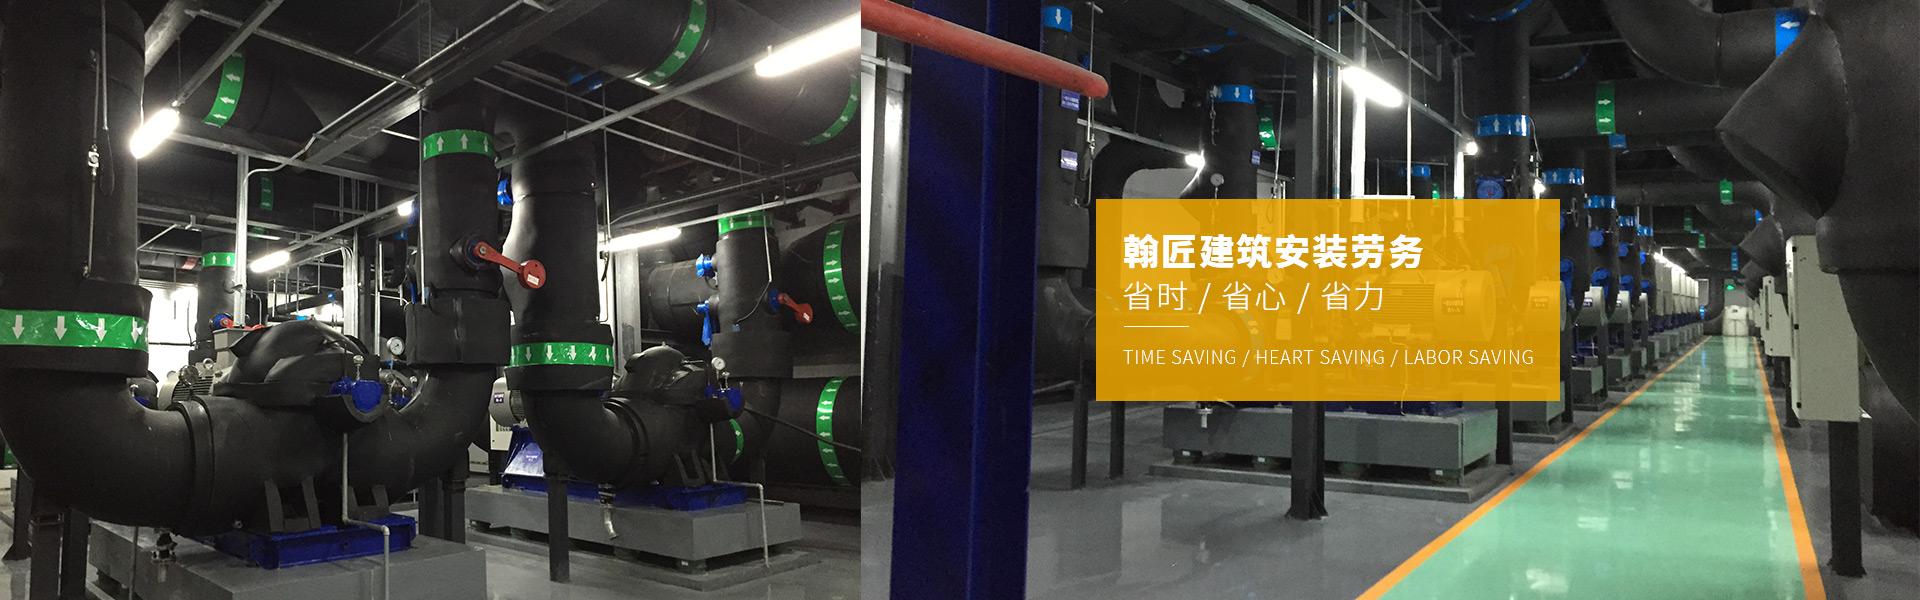 重庆建筑劳务公司